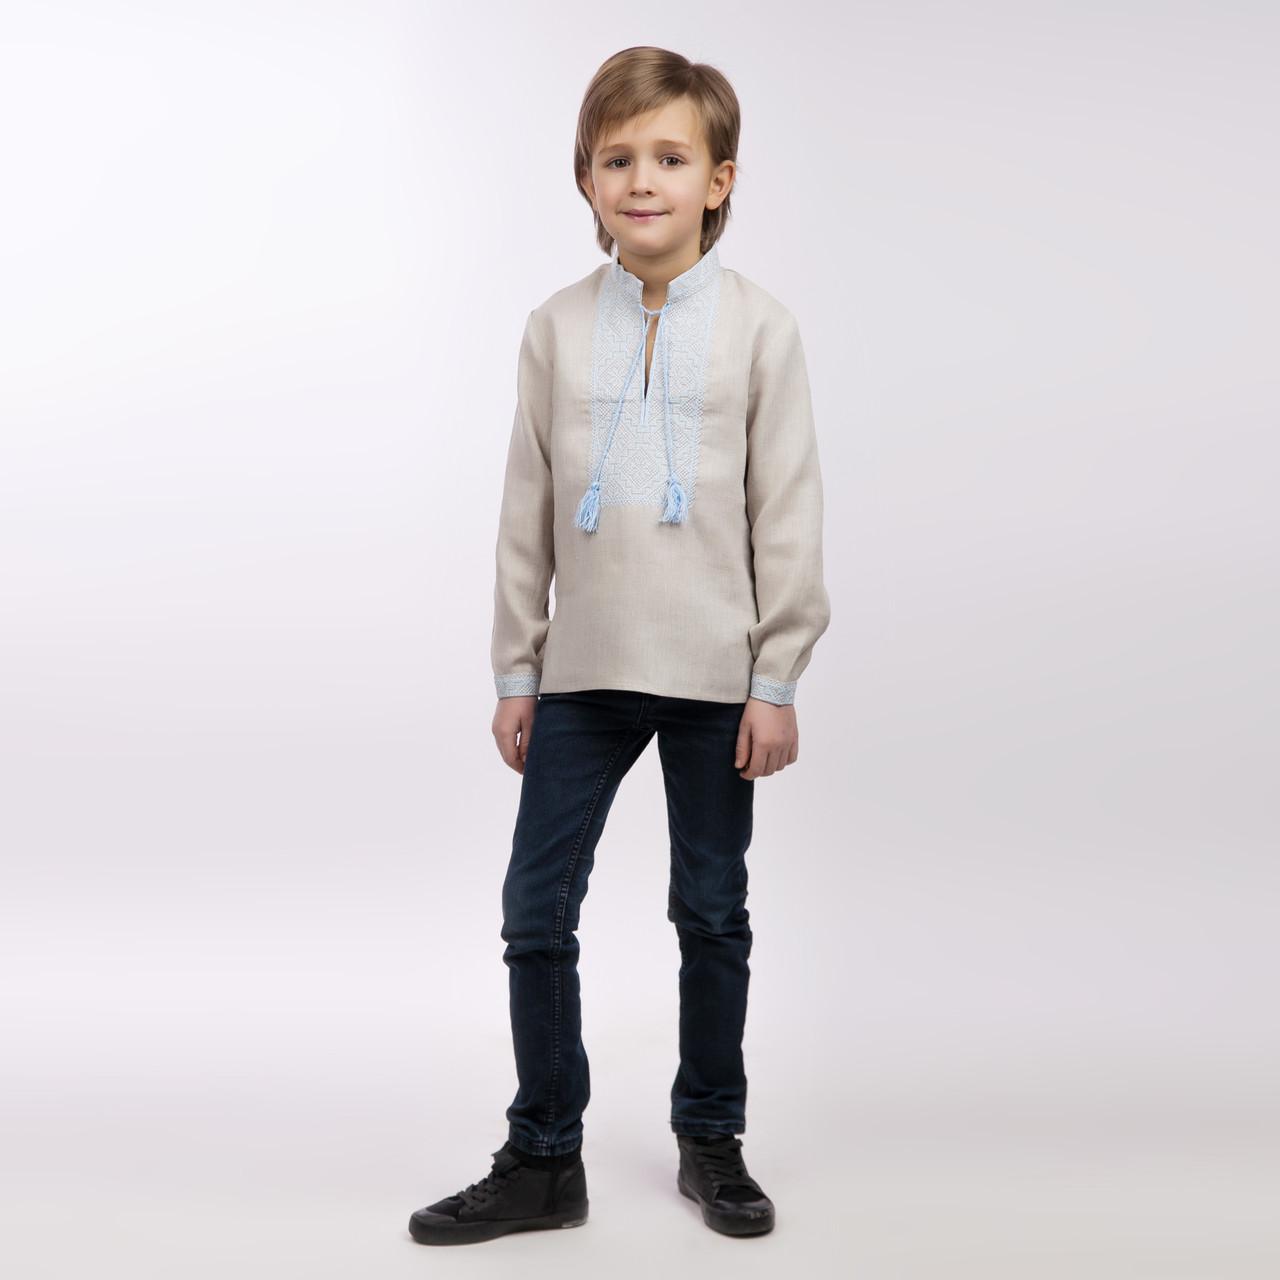 Вышиванка для мальчика, беж лен - фото 1